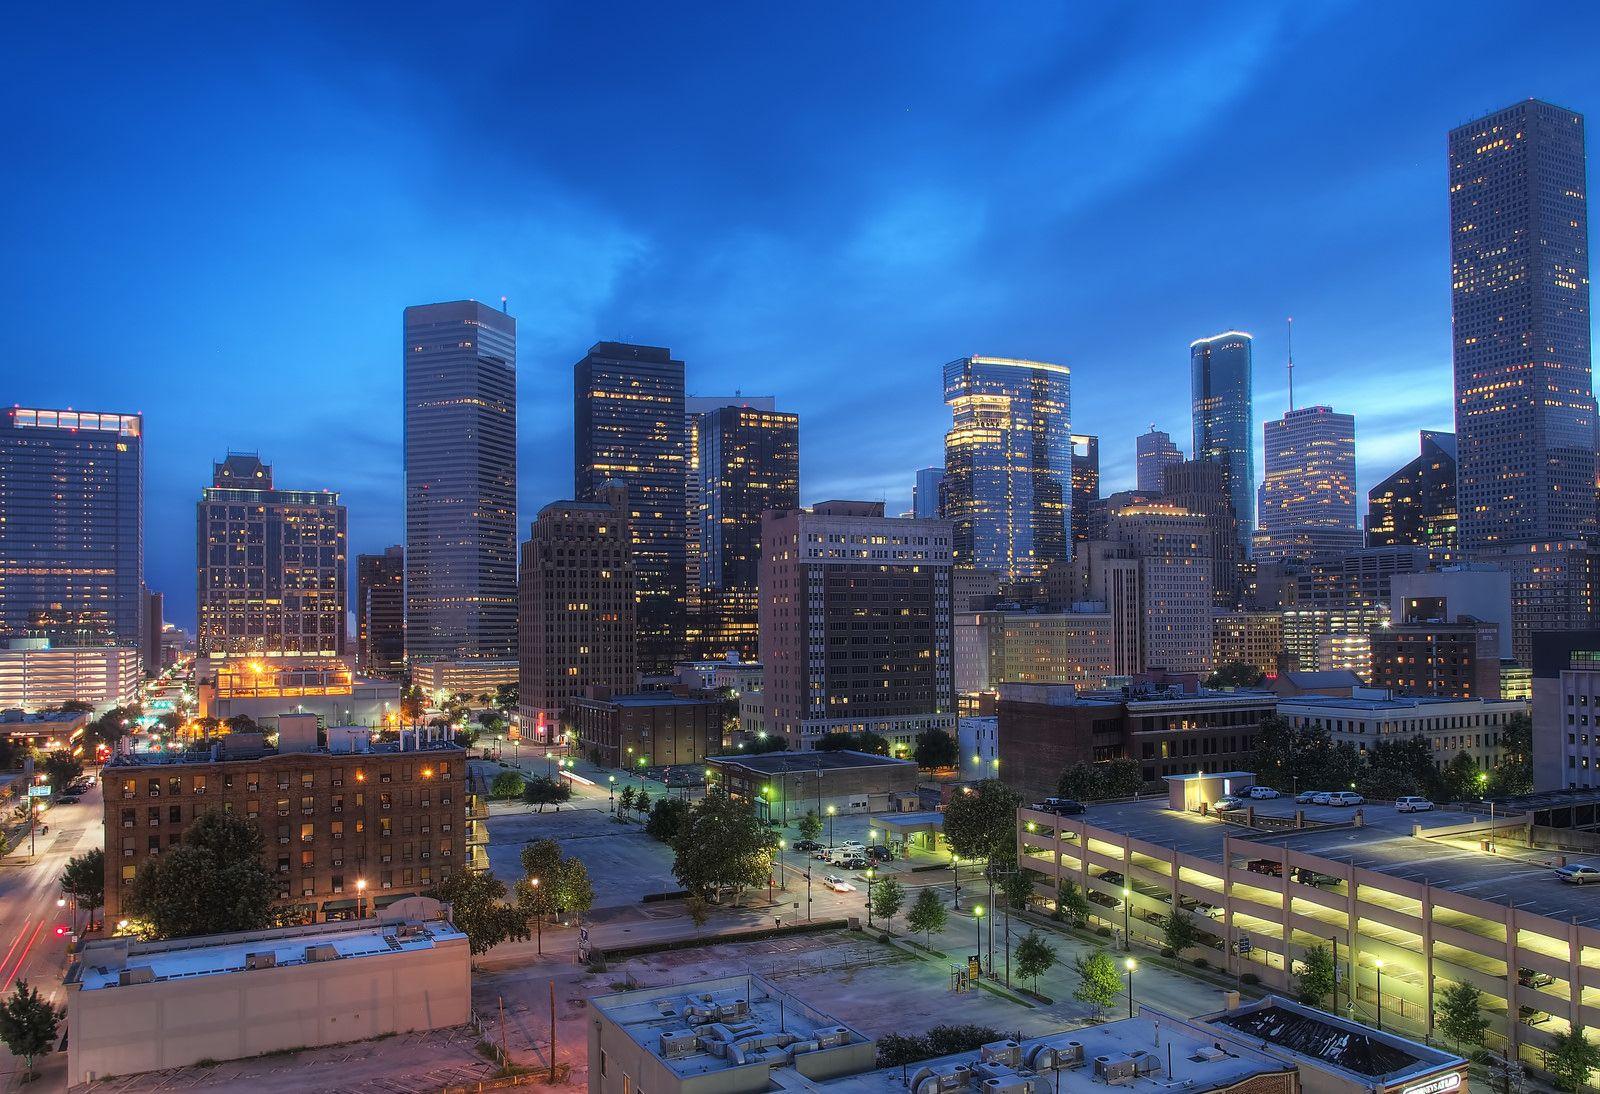 Houston Texas Usa Skyline Stock Photo - Download Image Now